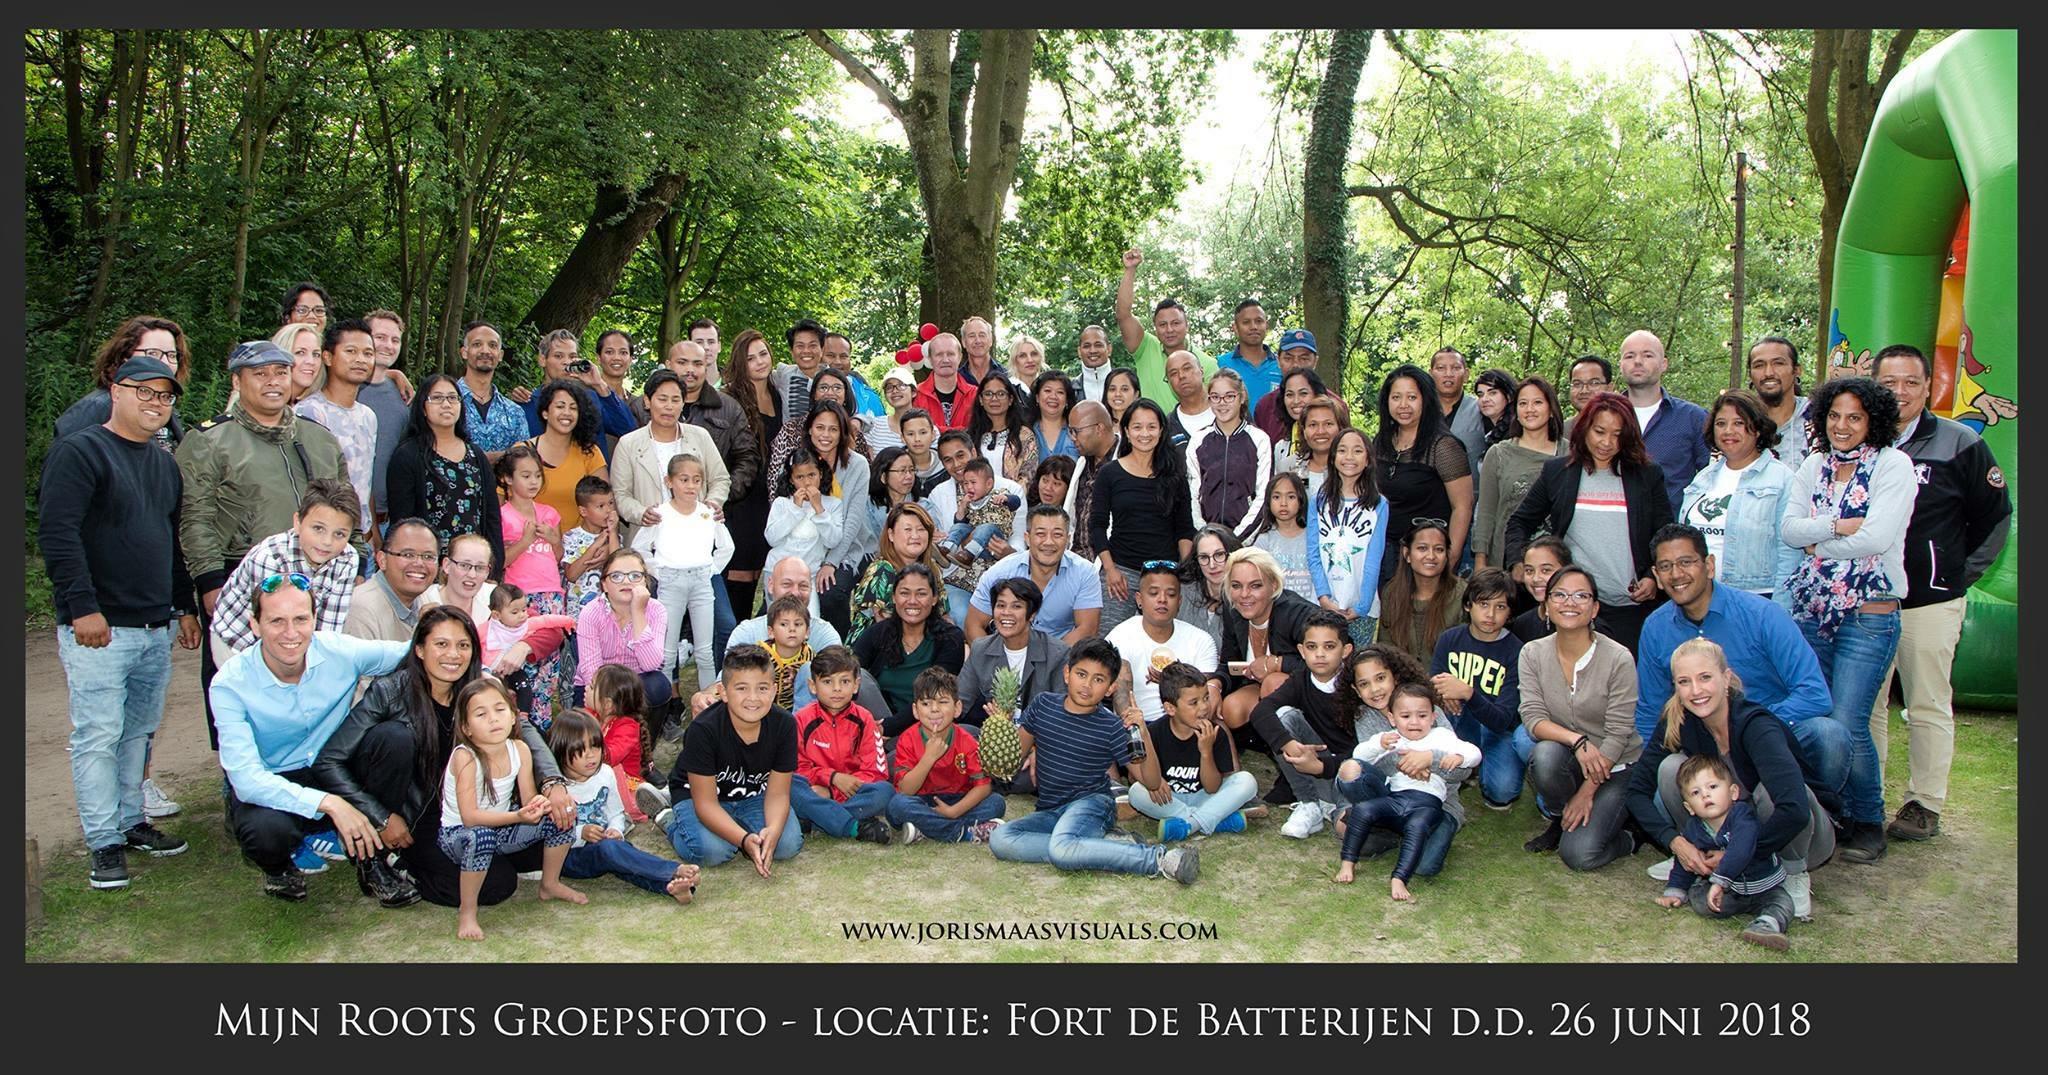 Bijeenkomst Fort de Batterijen te Nieuwegein